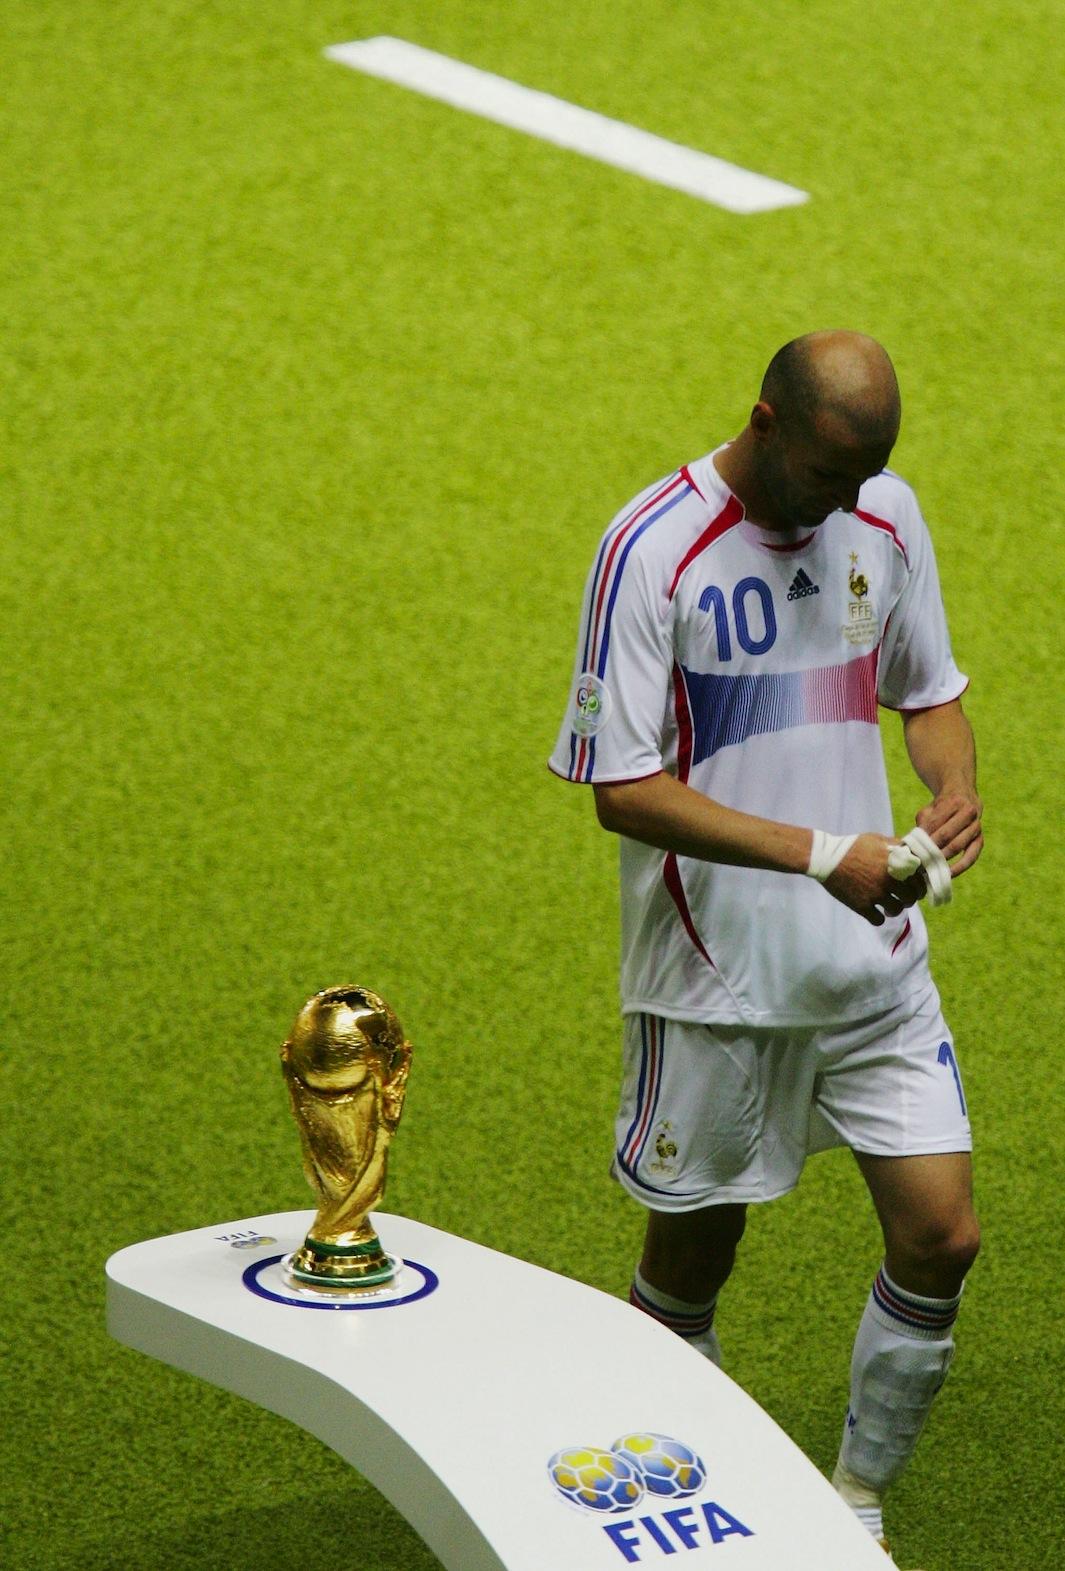 Чм 2006 финал футбол 7 фотография